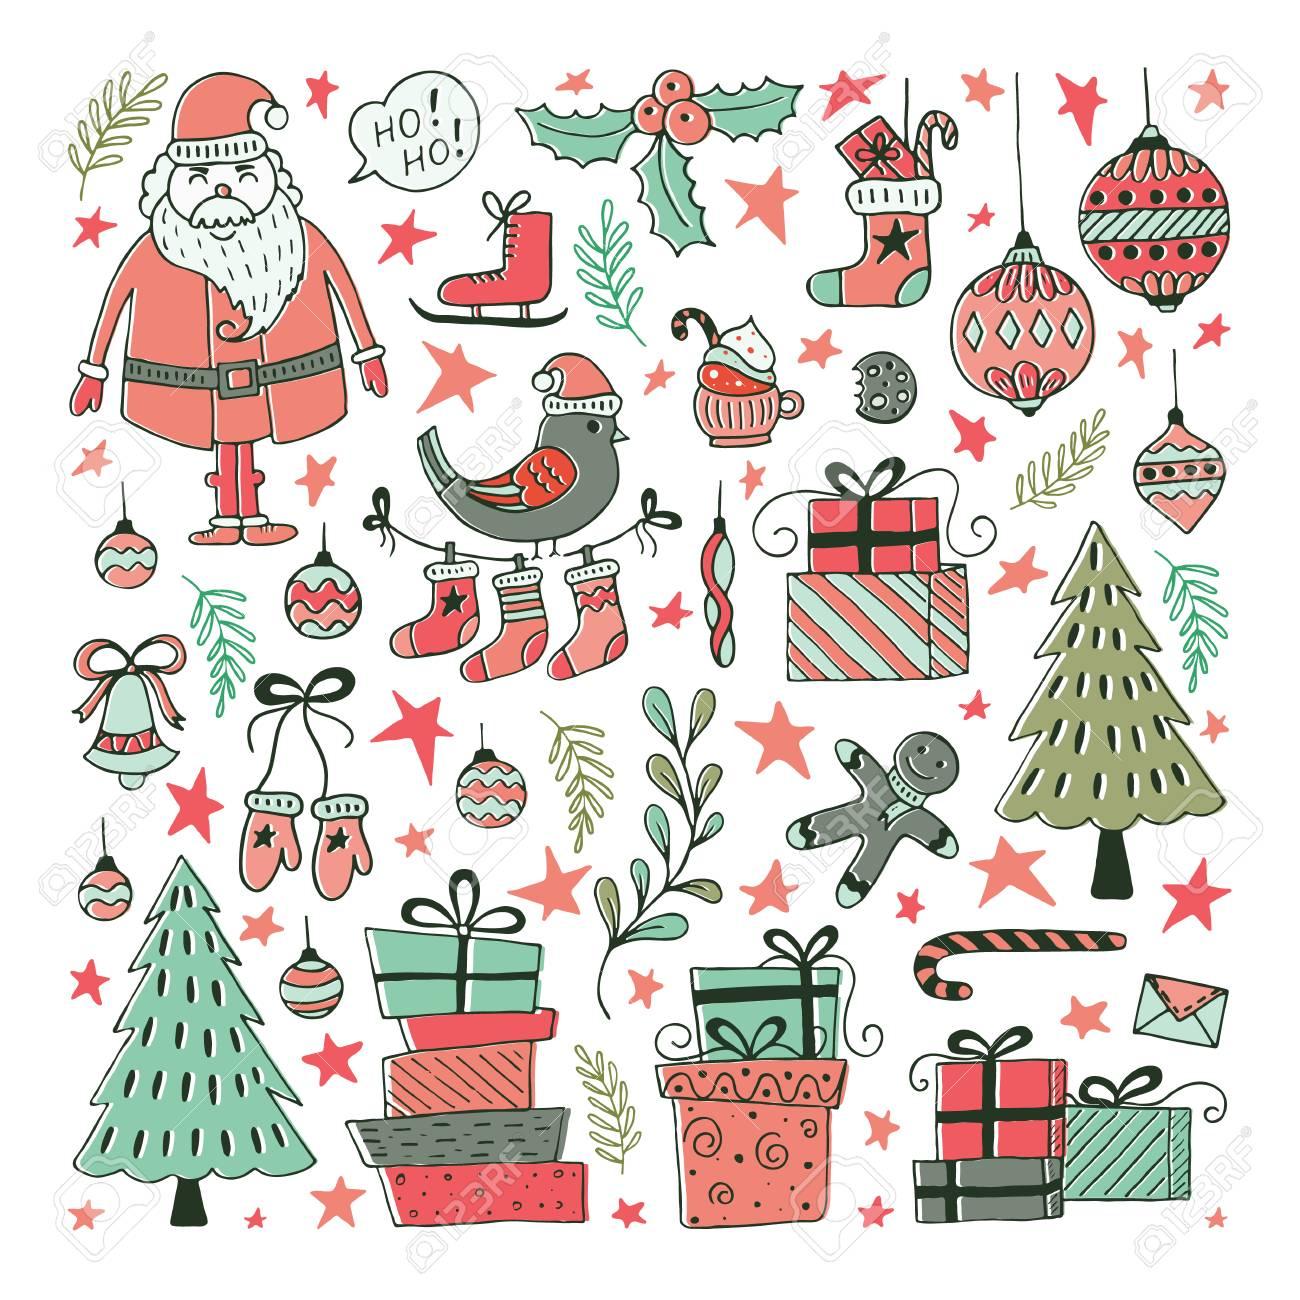 ベル クリスマスツリー クリスマス イラスト フリー